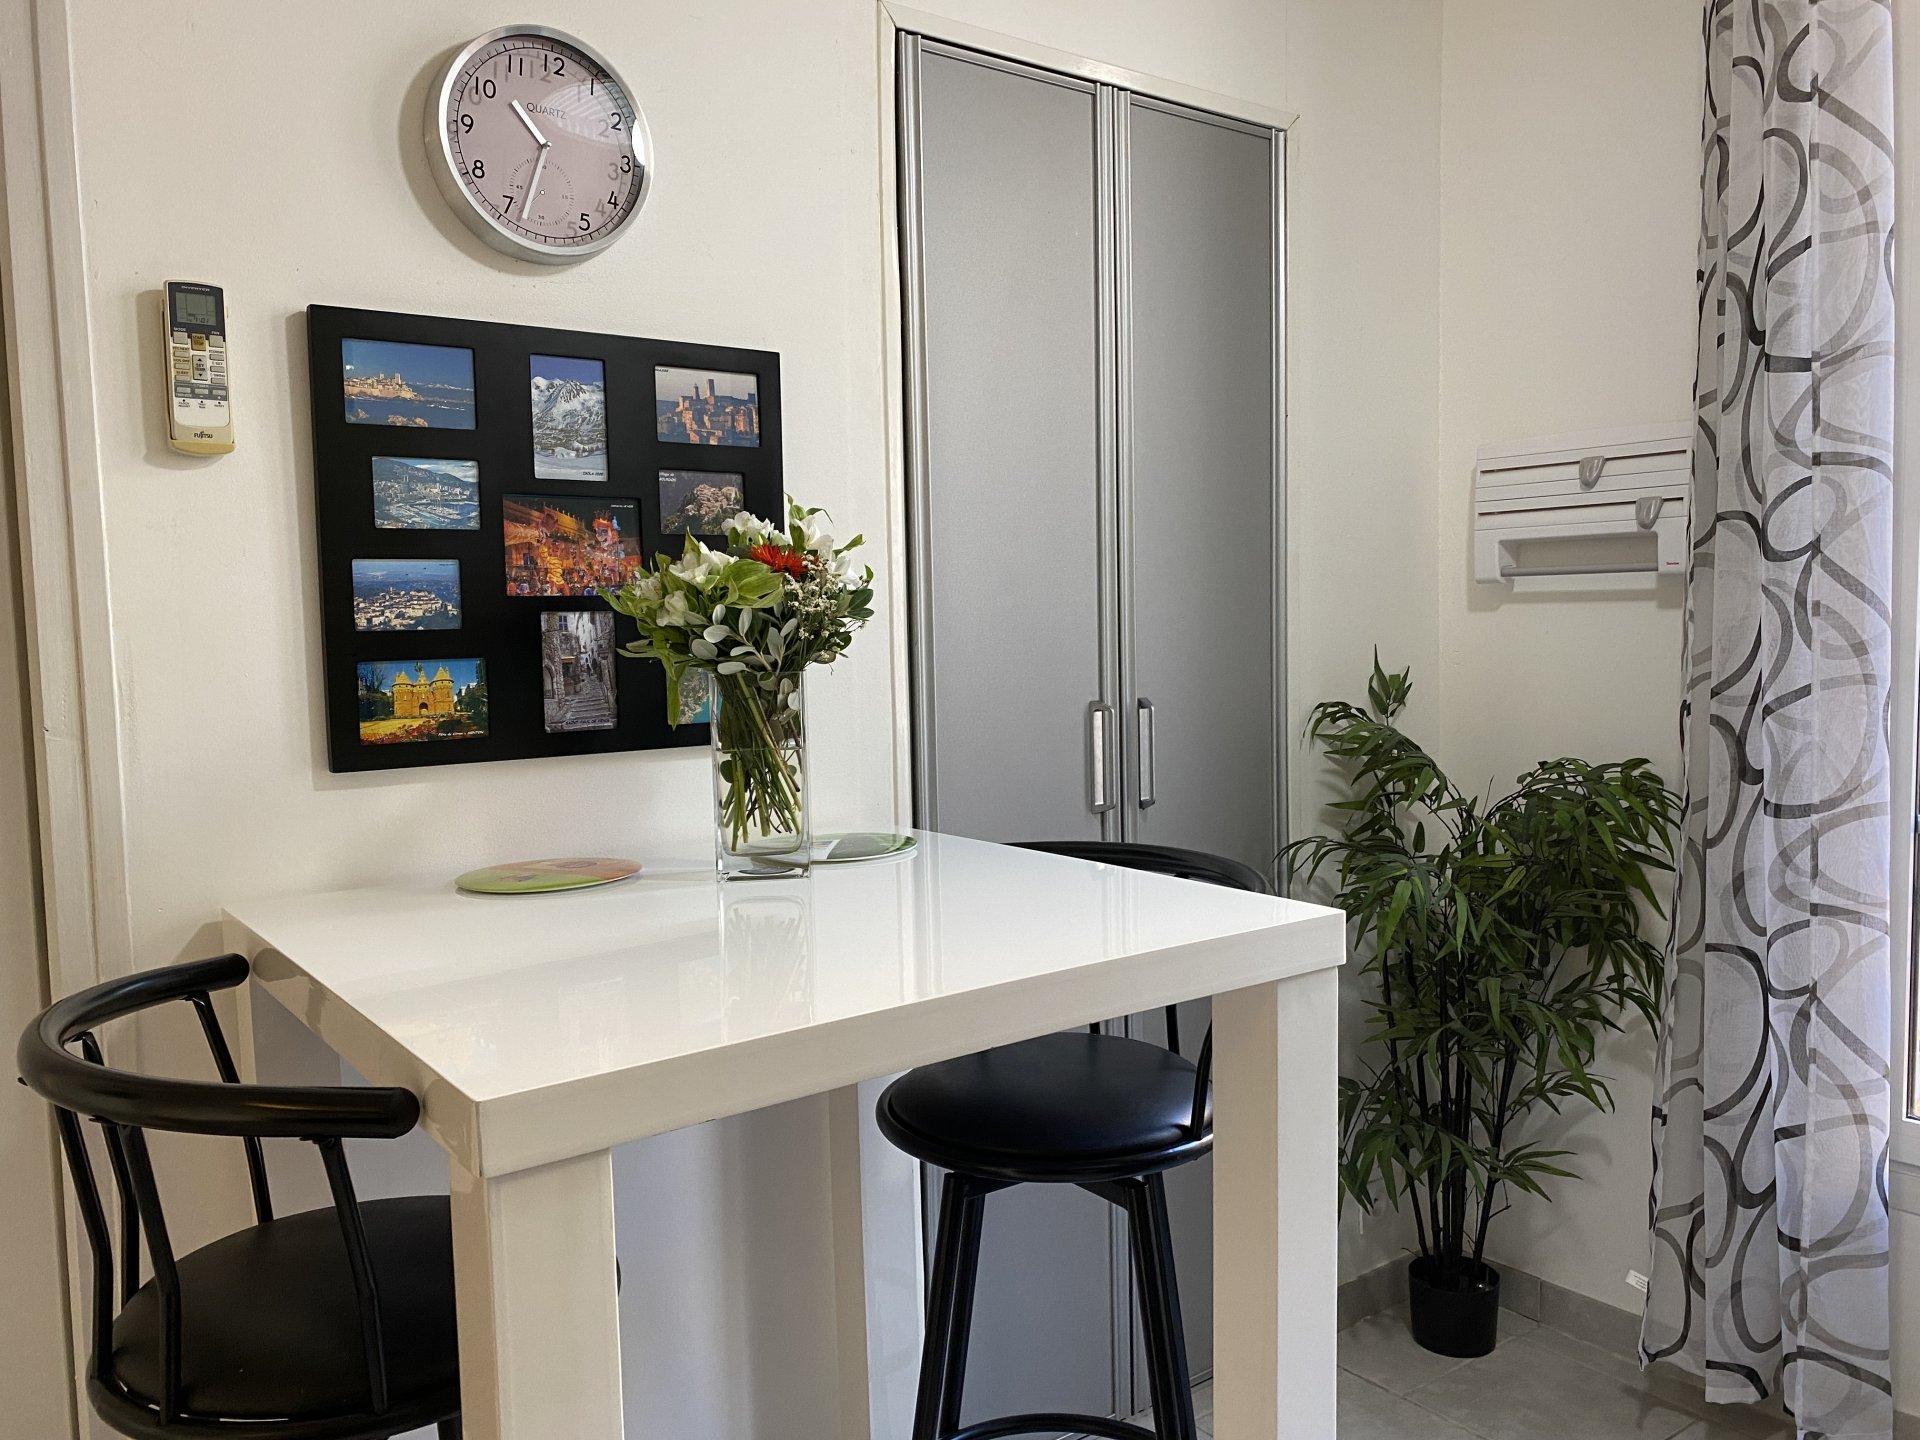 Studio meublé - Location longue durée